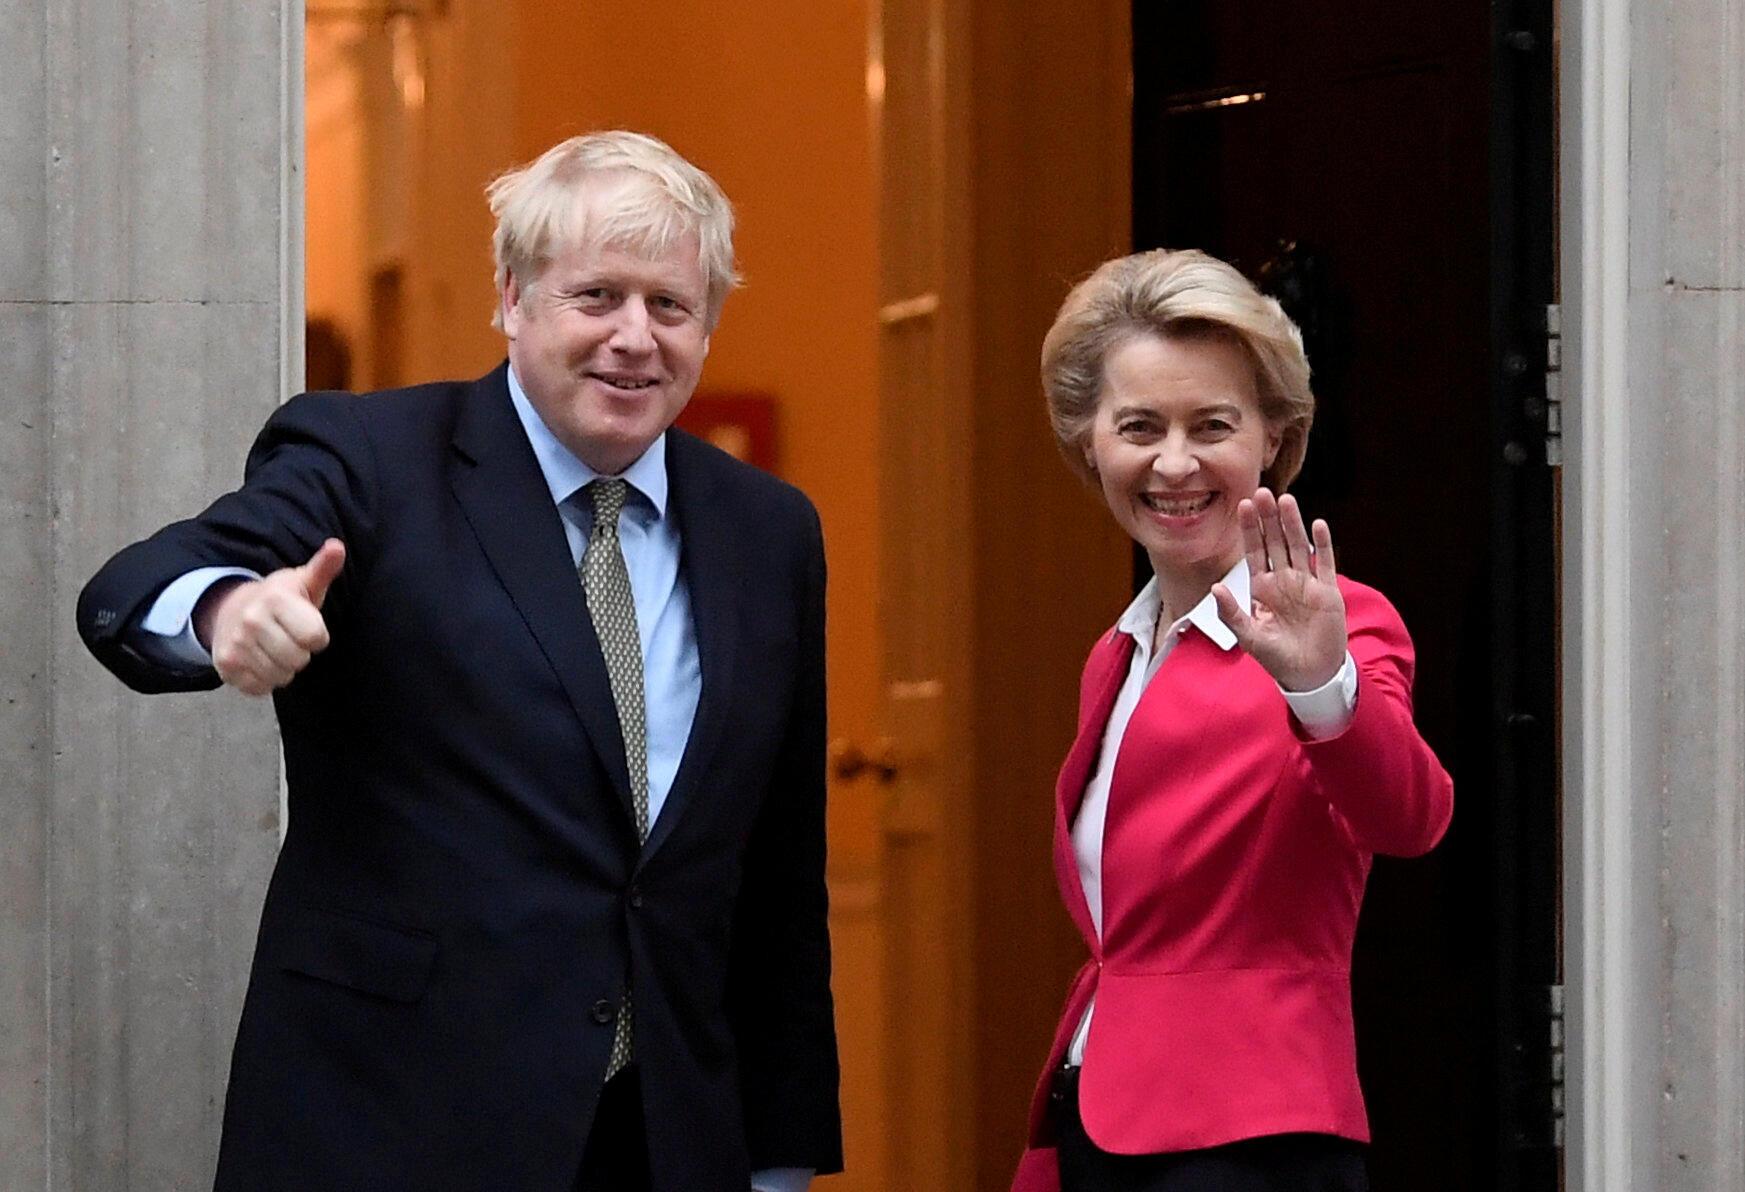 gb - londres - johnson - von der leyen - brexit 2020-12-05T114738Z_1632592107_RC2ZGK9S6J3Y_RTRMADP_3_BRITAIN-EU